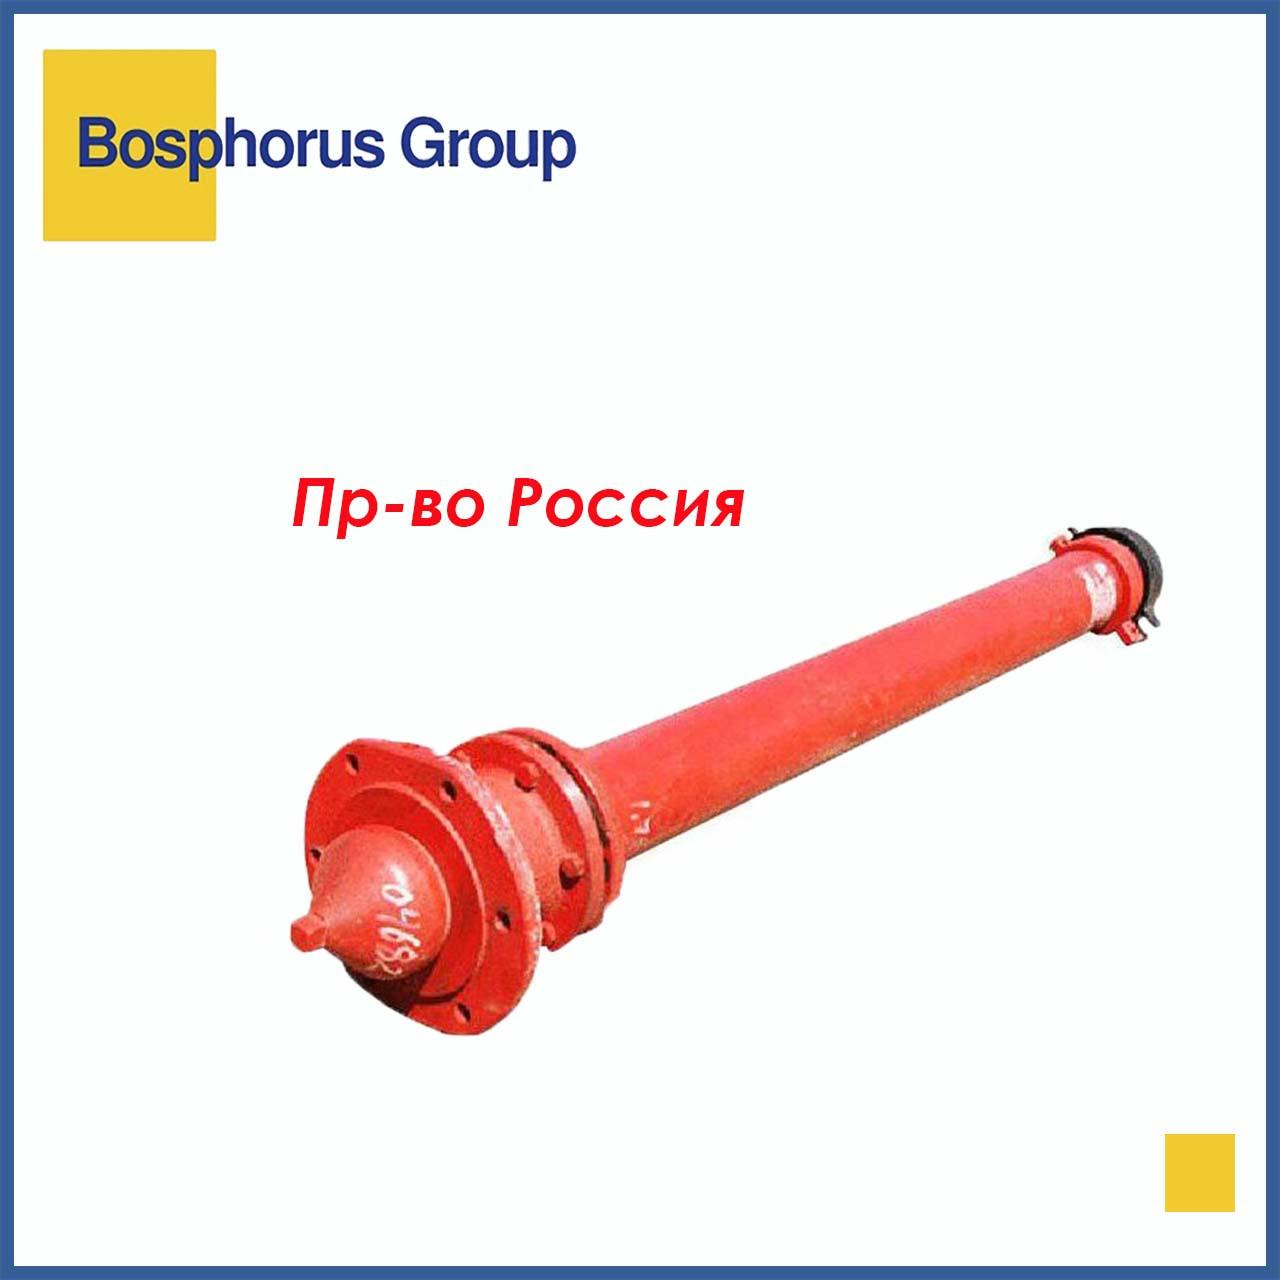 Пожарный гидрант стальной 0,5 м., подземный (Россия)